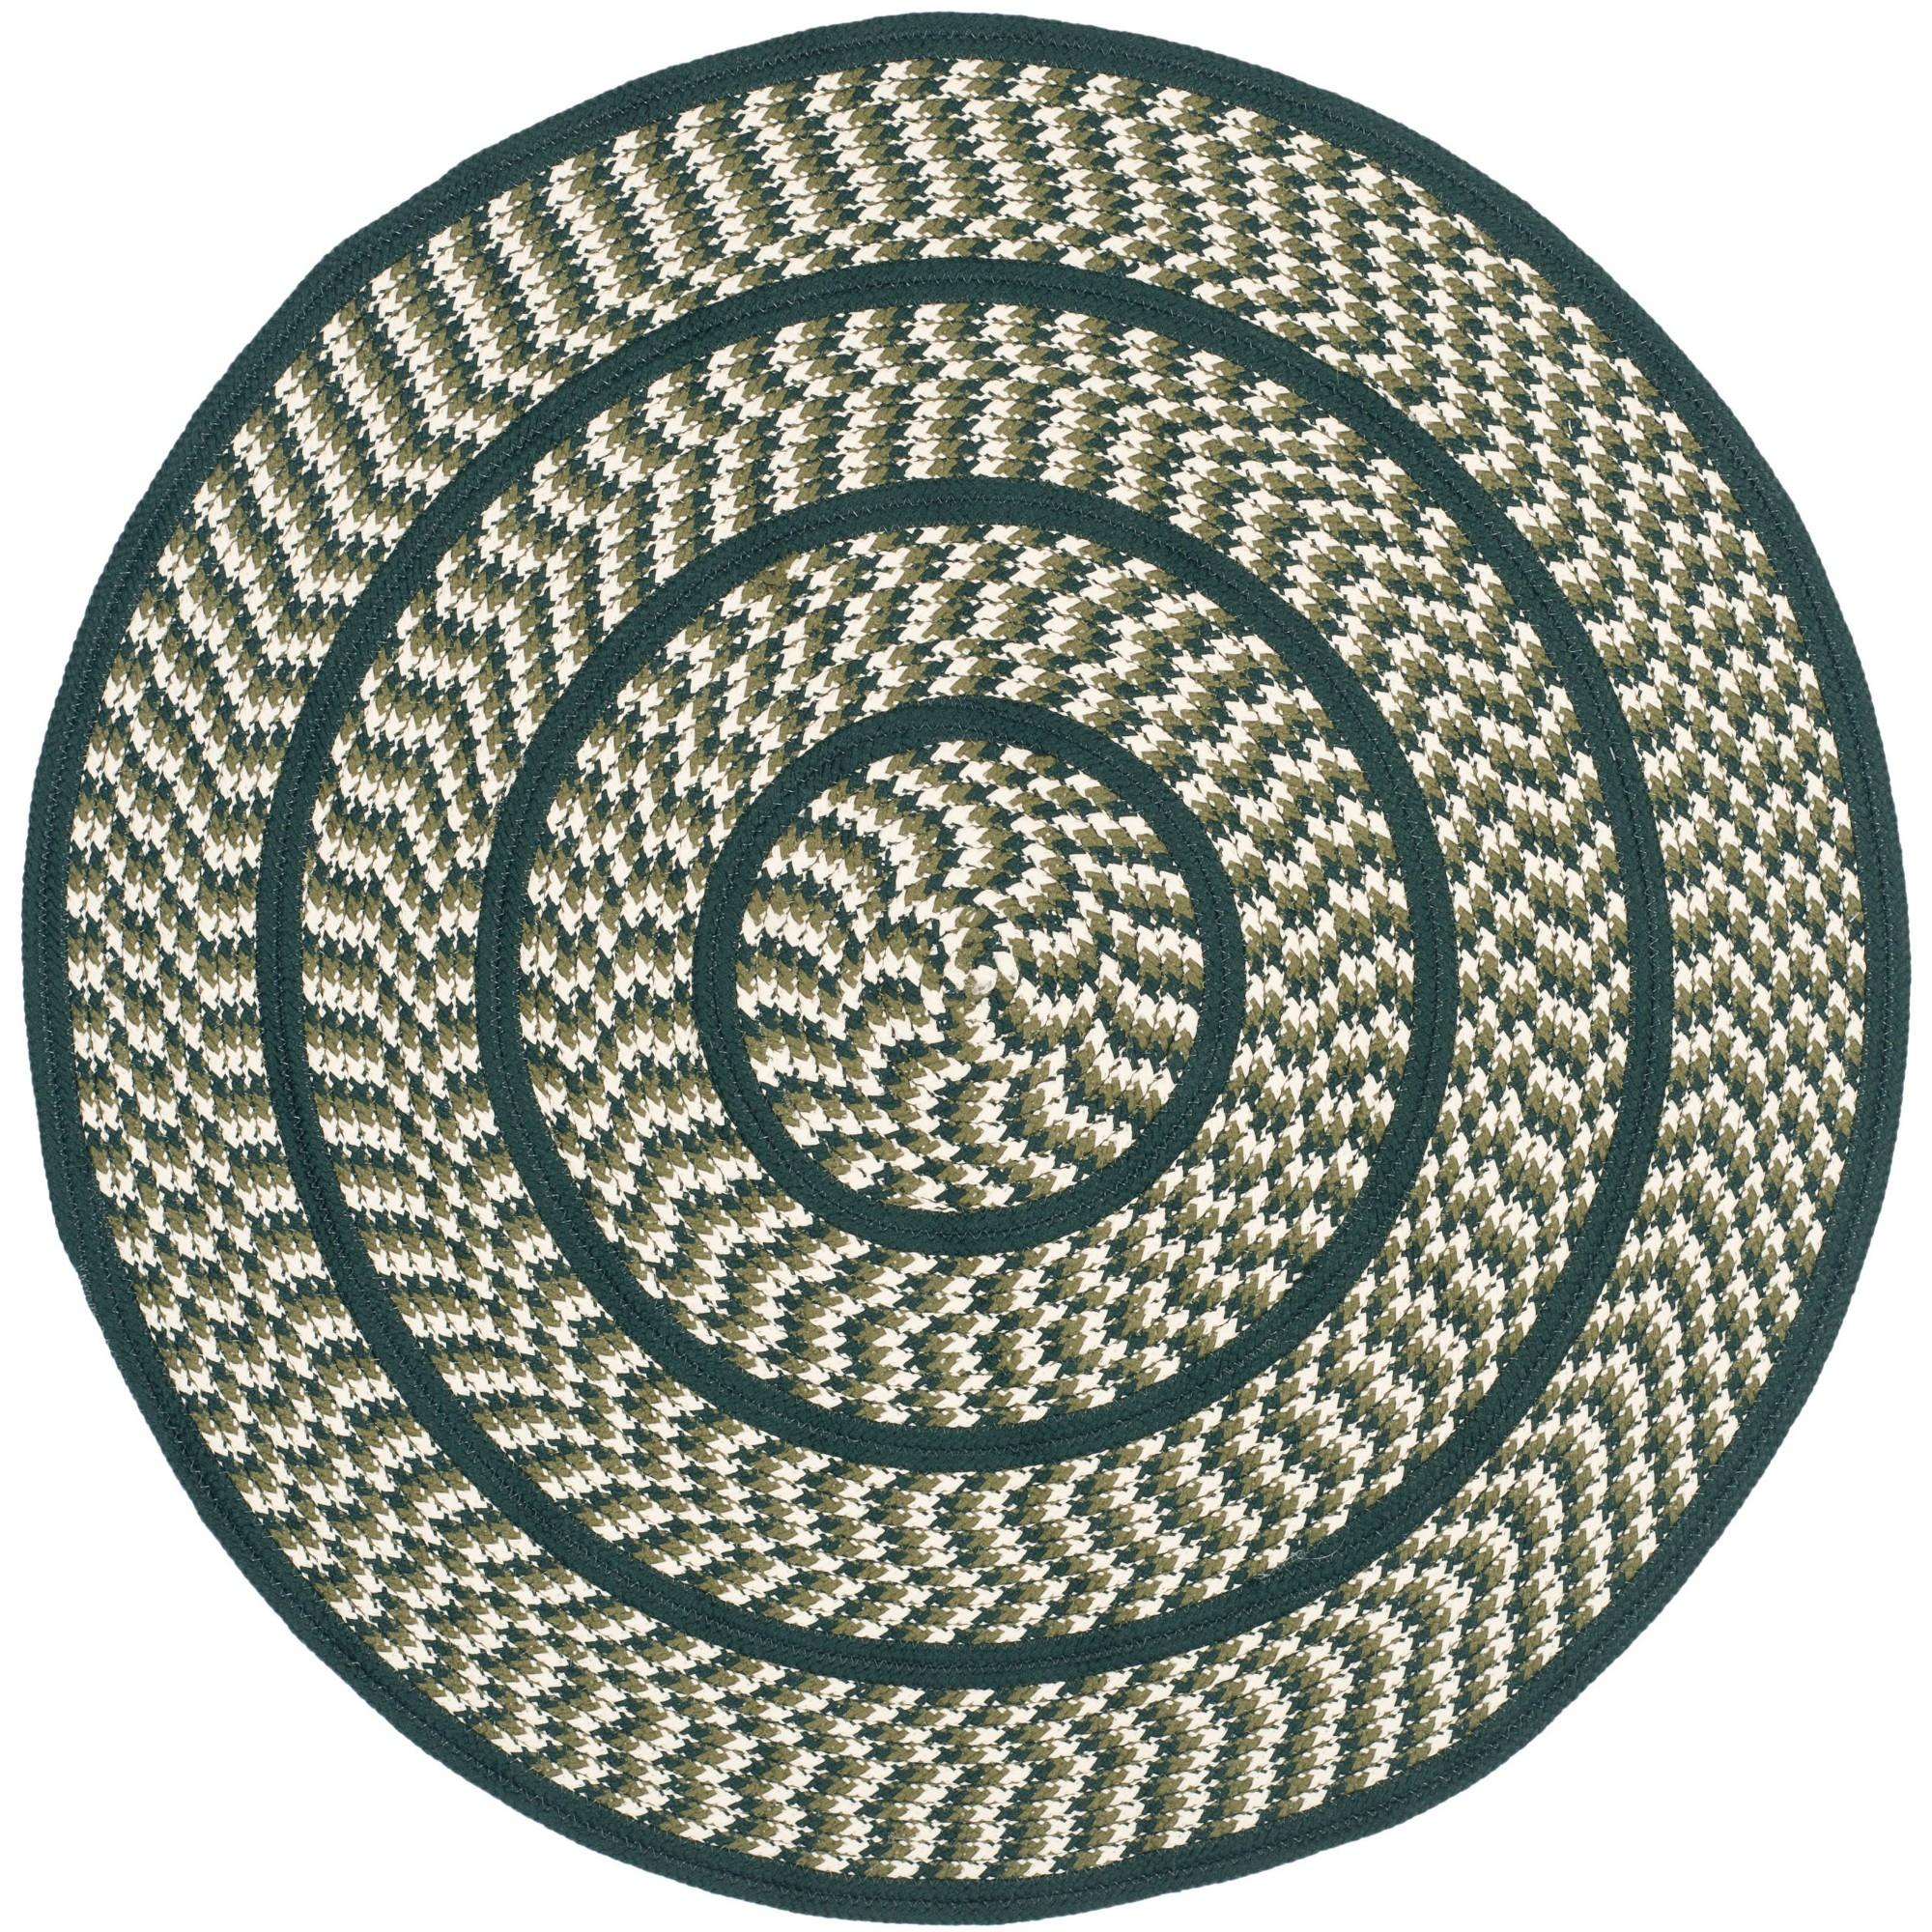 Ivory/Dark Green Solid Woven Round Accent Rug 4' - Safavieh, Ivoryndark Green